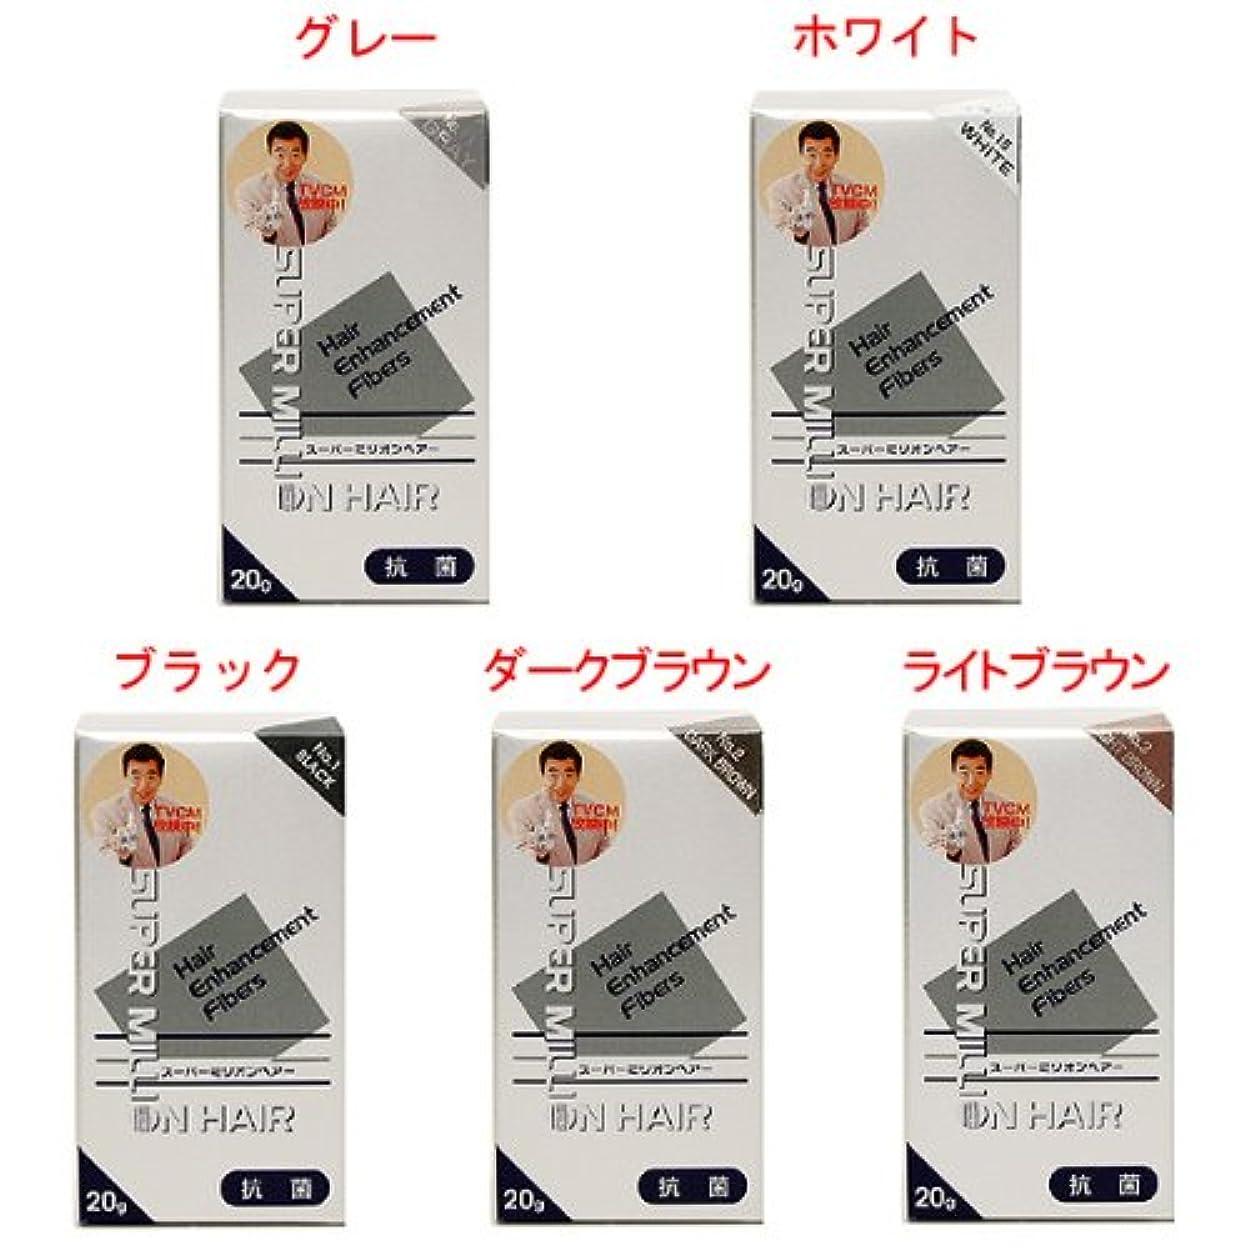 遺跡城ラジカルスーパーミリオンこげ茶20G3500 ルアン(株)